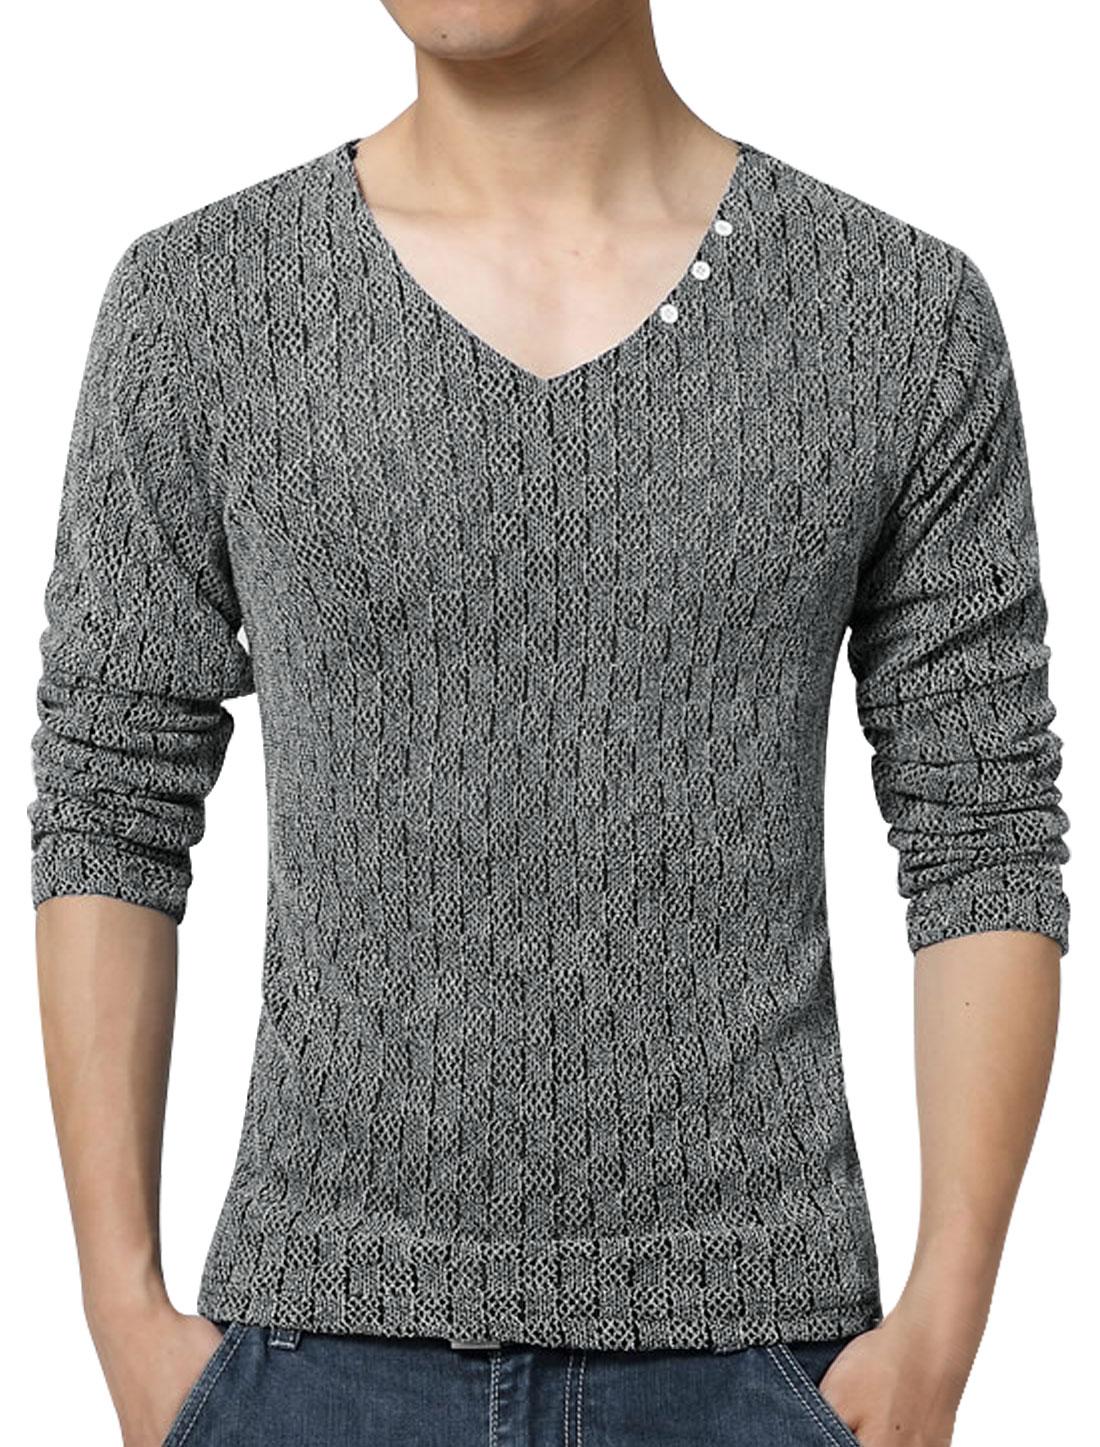 Men V Neck Long Sleeves Plaids Mesh Top Dark Gray S